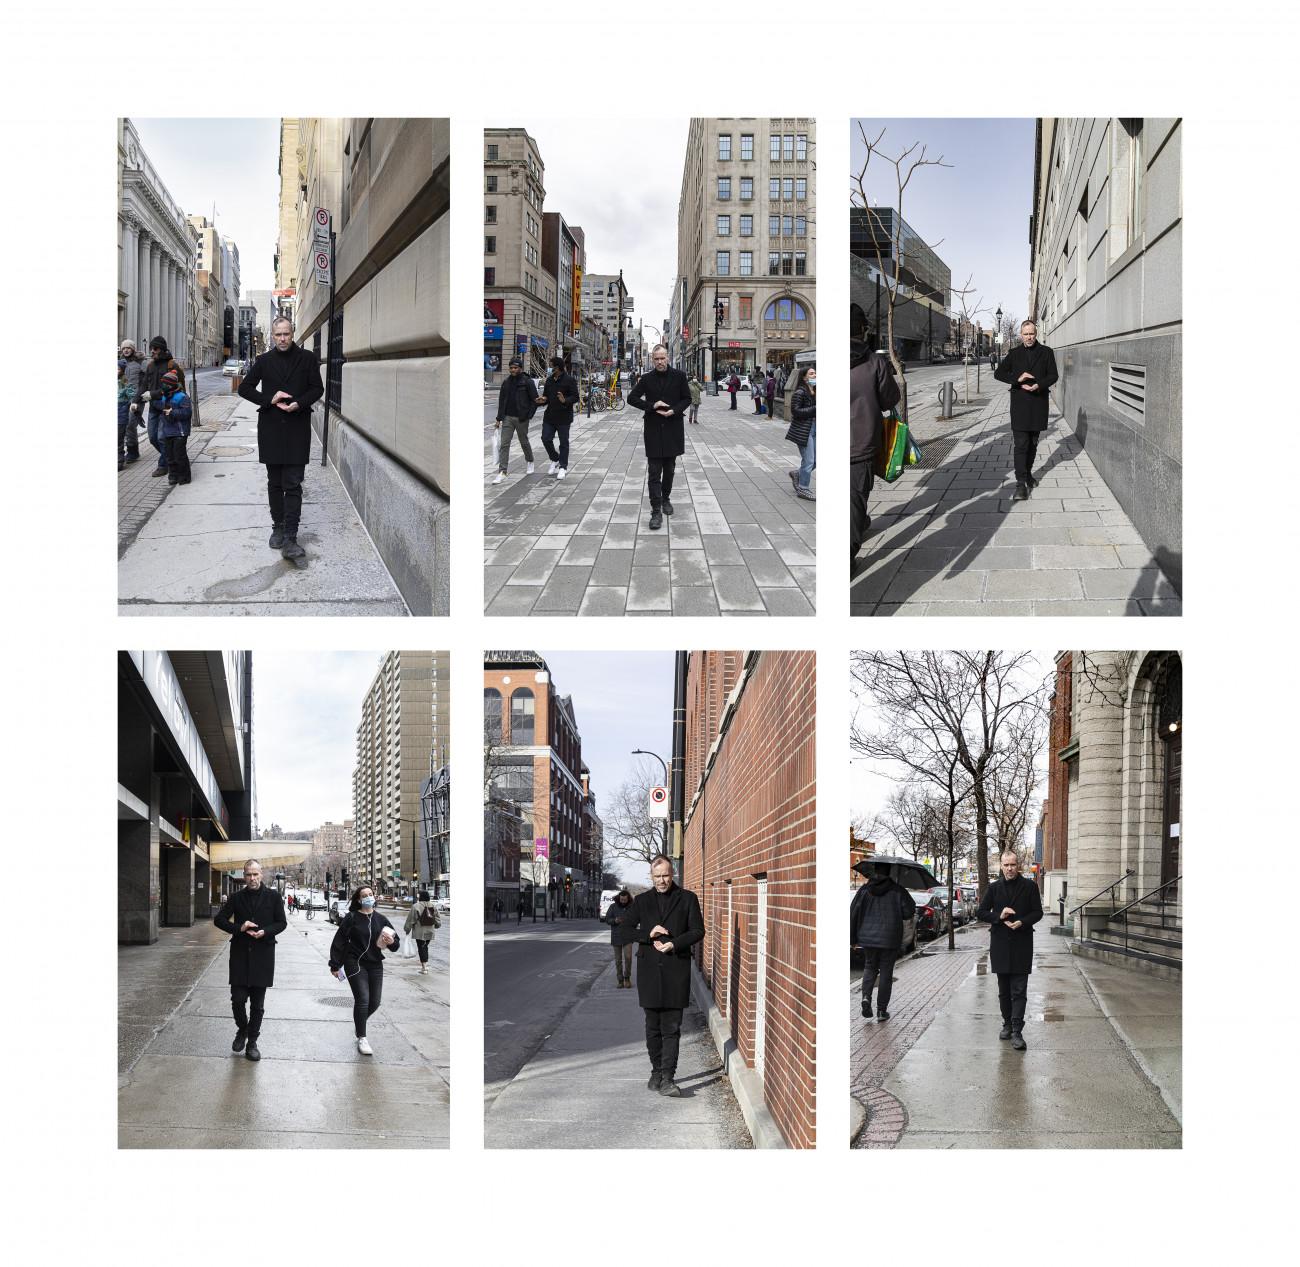 Steve Giasson. Performance invisible n° 234 (Donner ce que l'on a). Reenactment de Decebal Scriba. The Gift. 1974. Performeur : Steve Giasson. Crédit photographique : Martin Vinette. Retouches photographiques : Daniel Roy. 13-16-27-28 mars 2021.